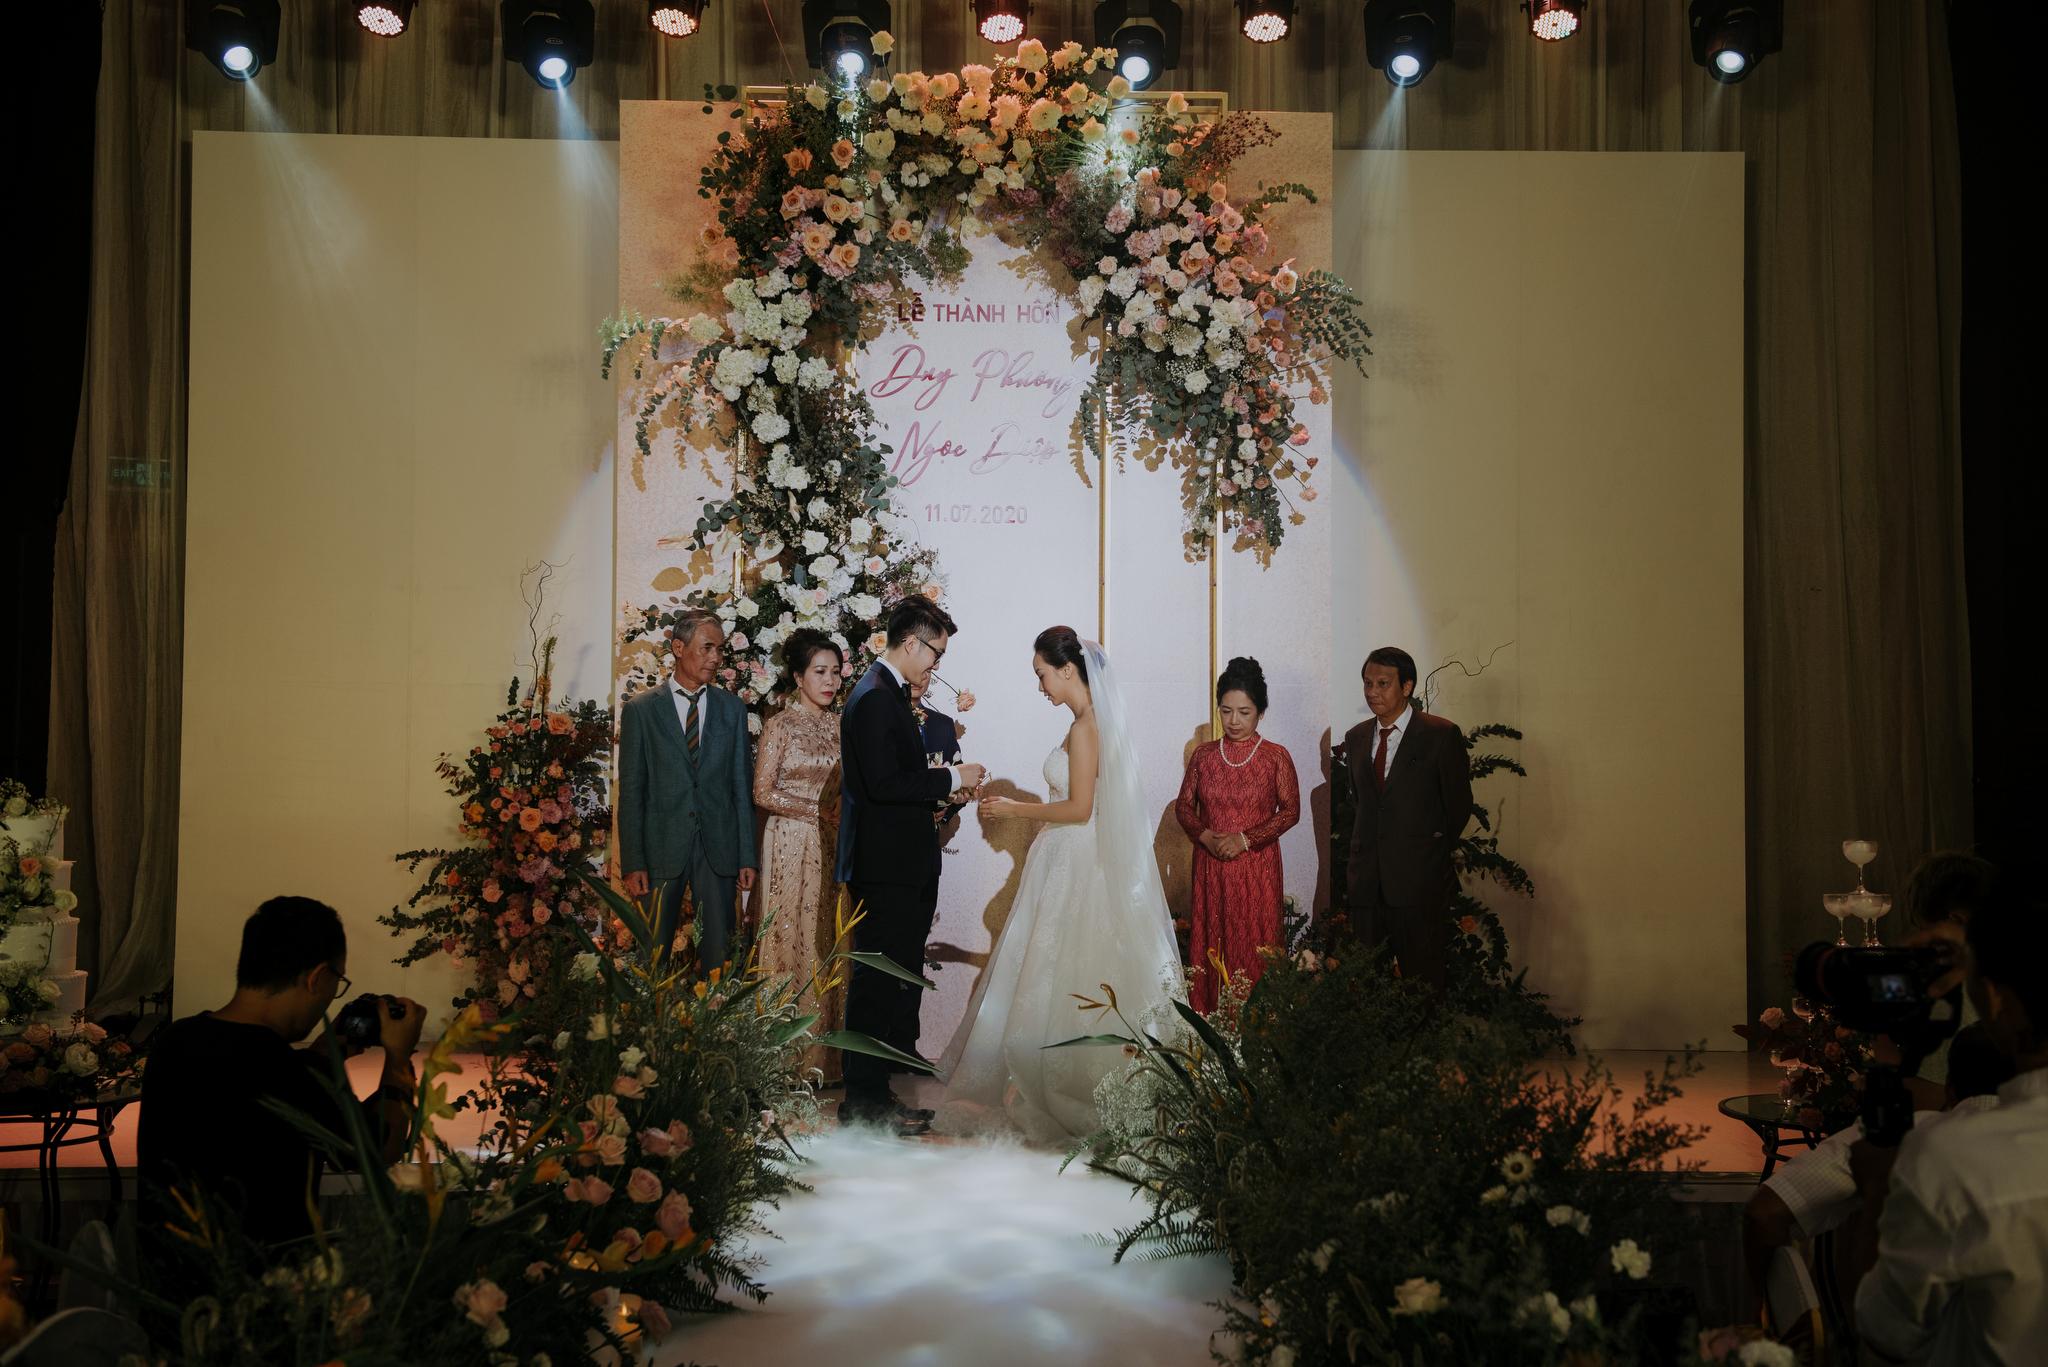 https://huk.s3.amazonaws.com/uploads/image/source/1442/Phuong-Diep-HN-Ceremony-2-0150.JPG